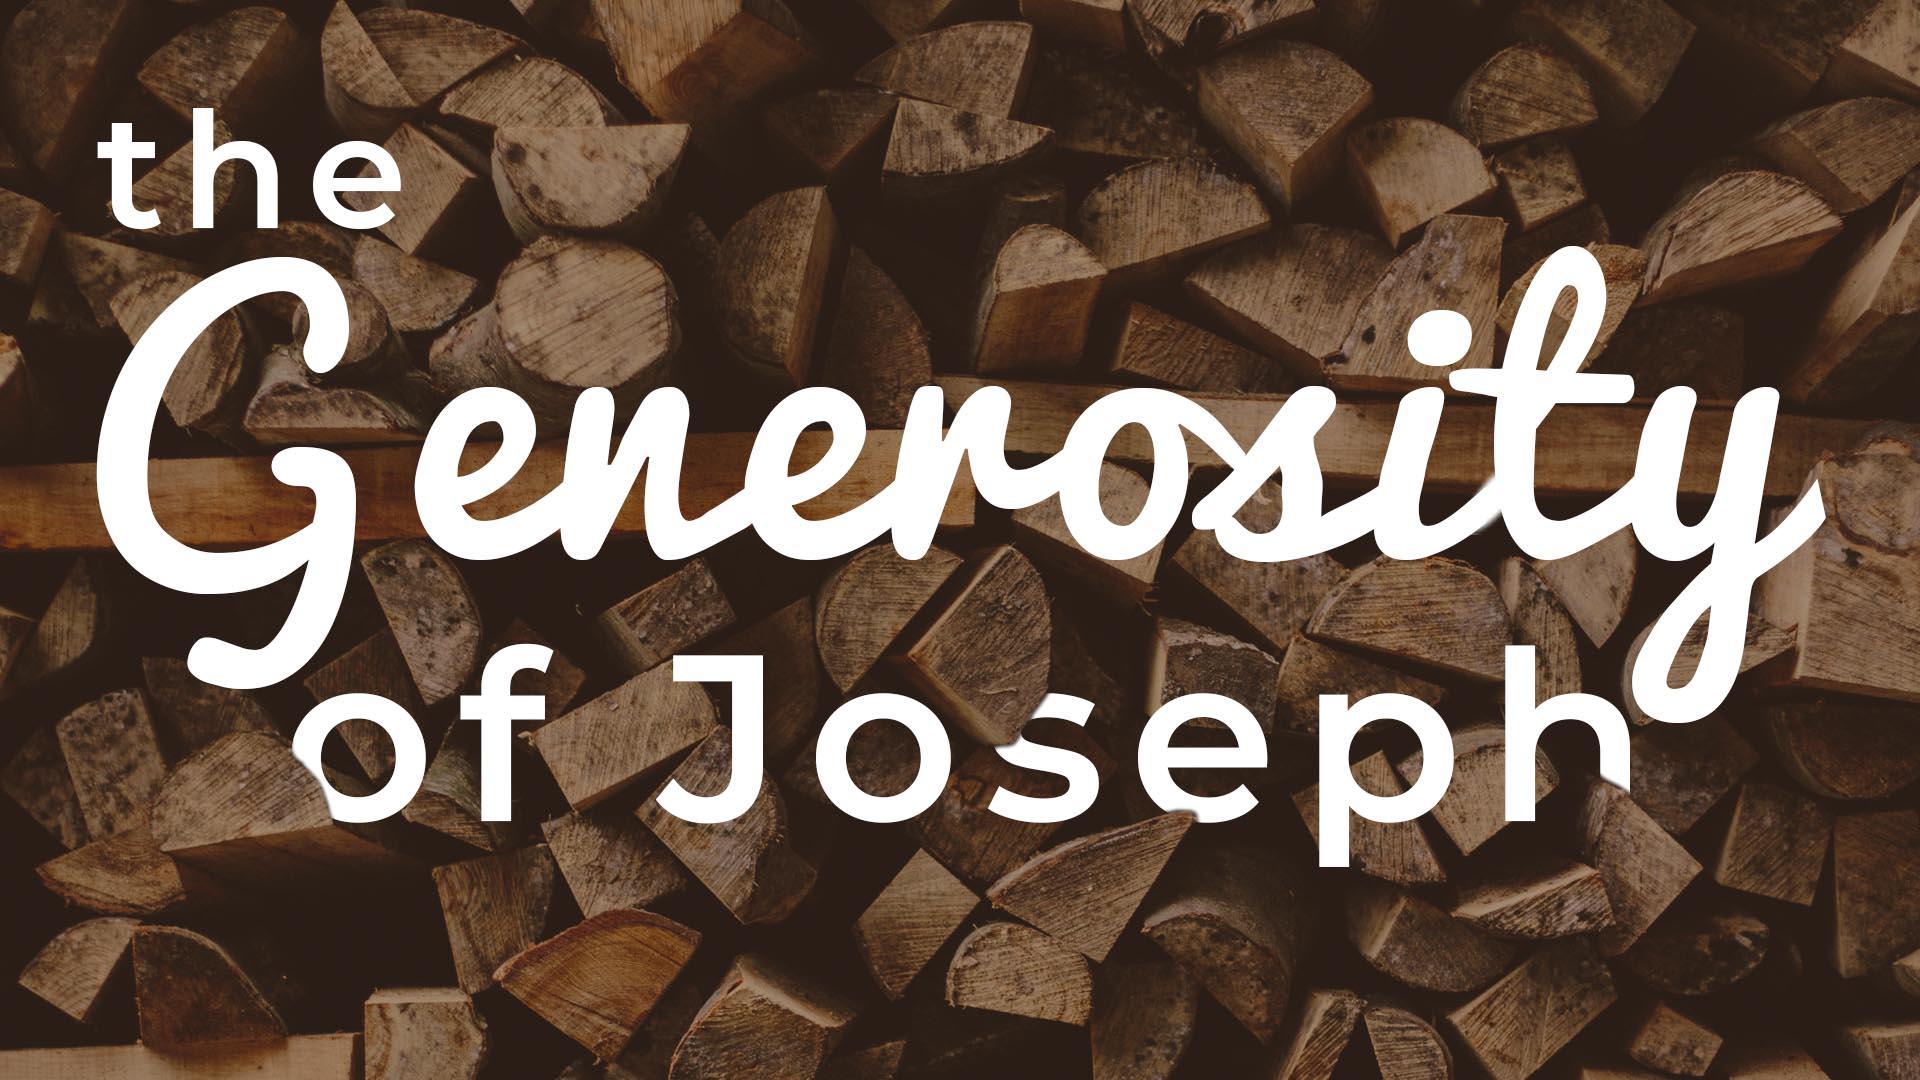 generosity of Joseph v.2.jpg